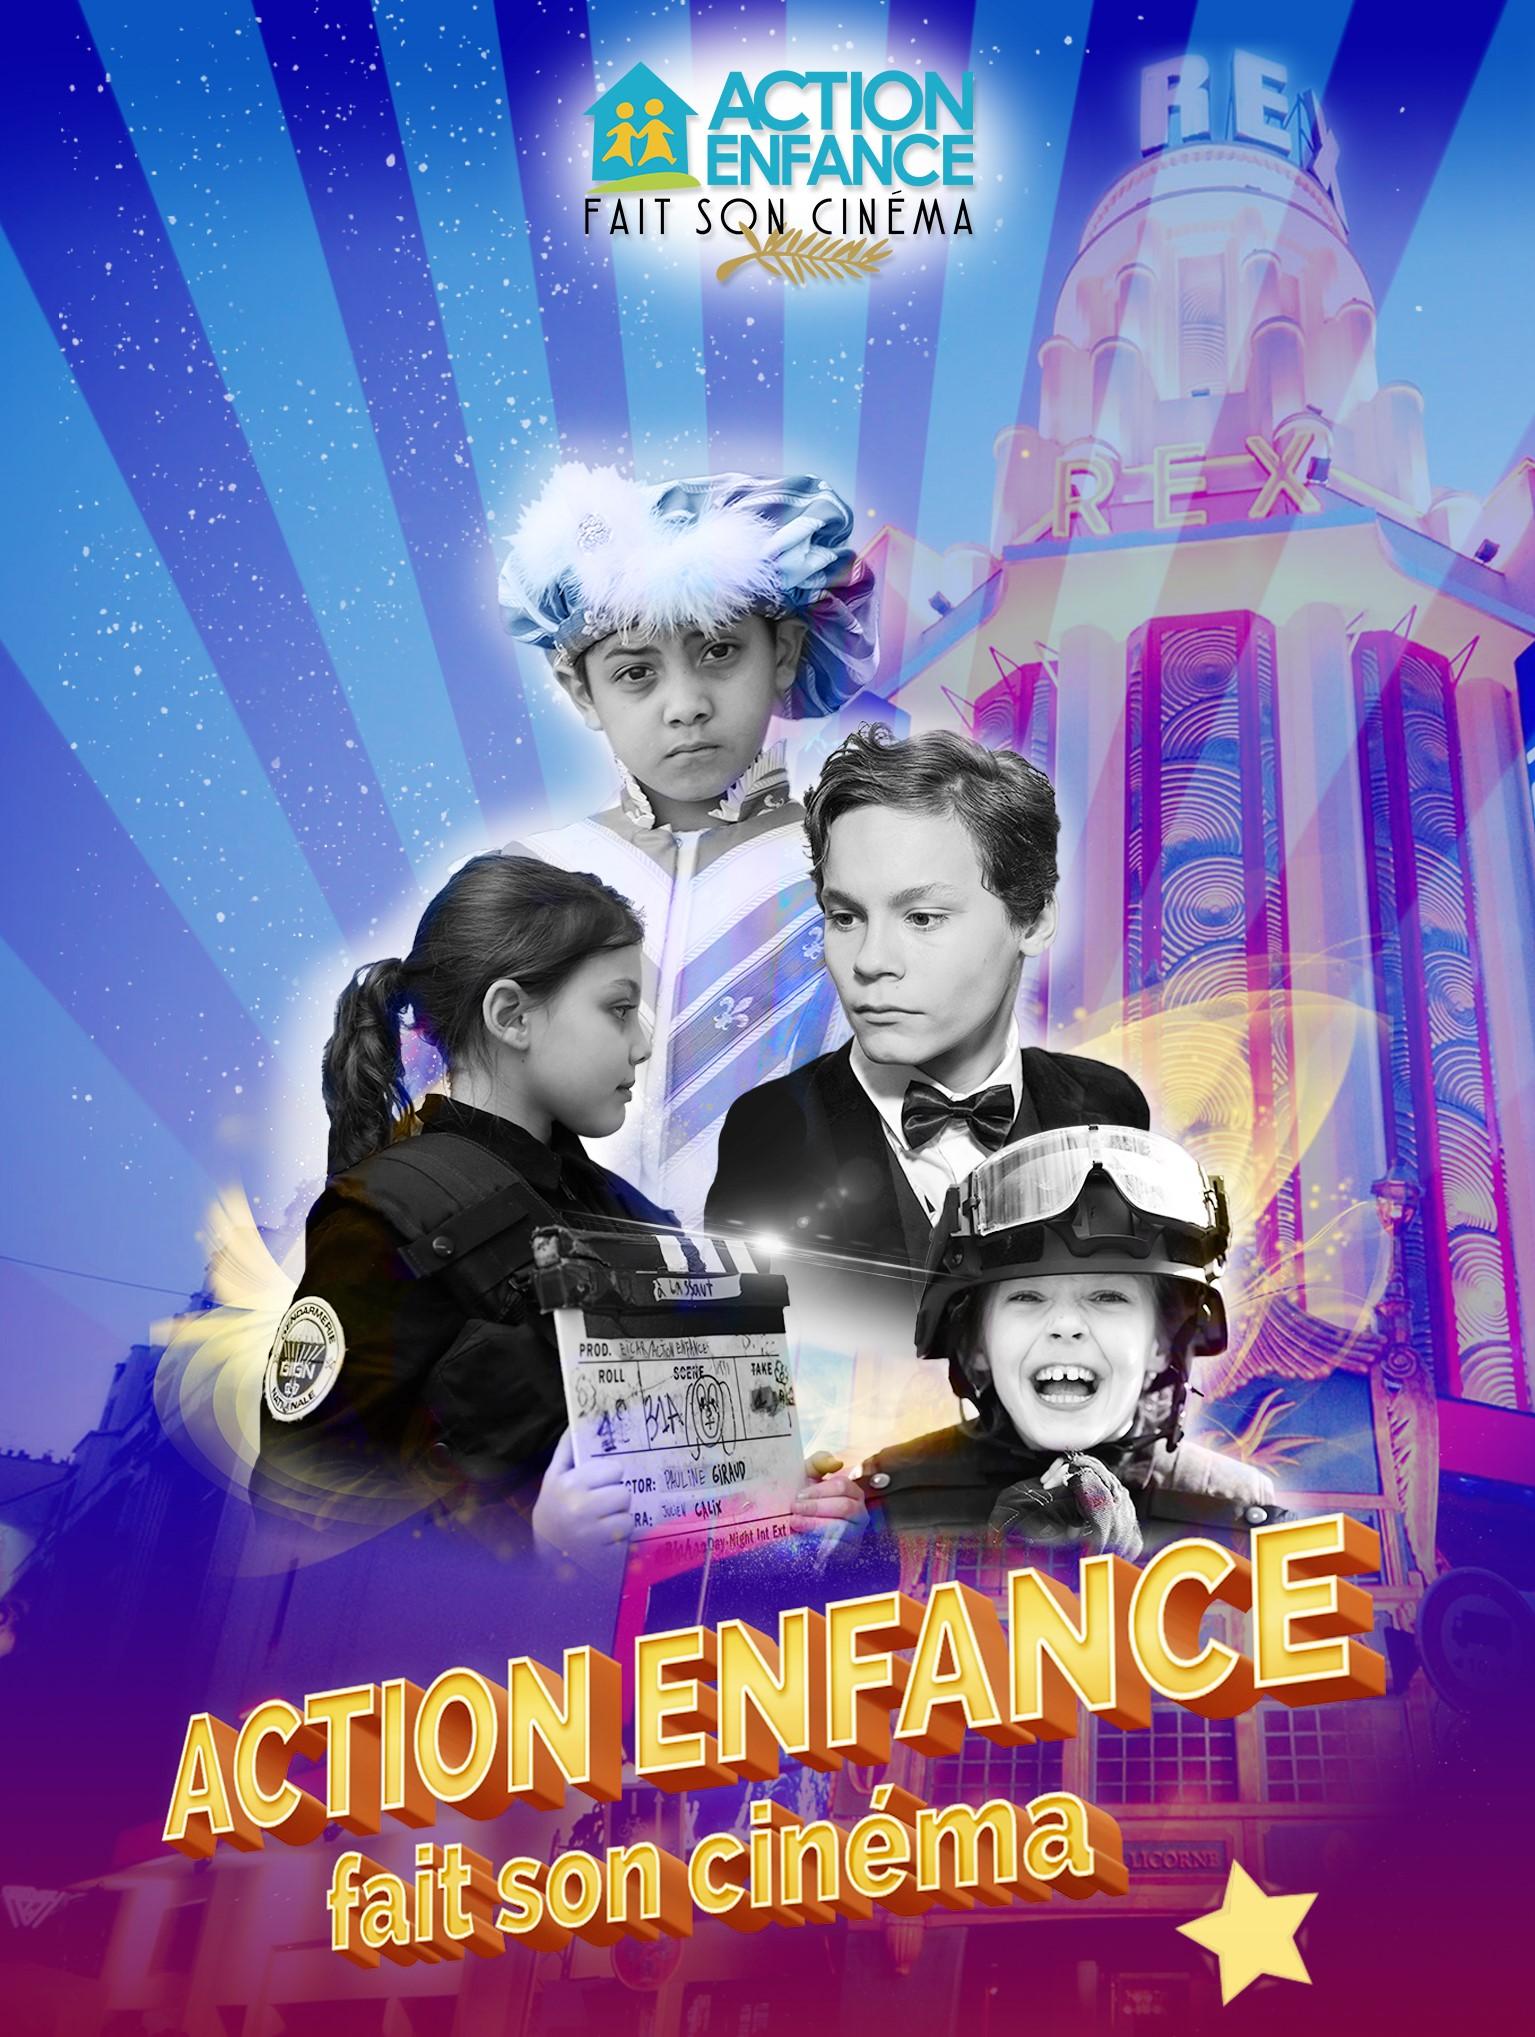 Action enfance 2021 affiche